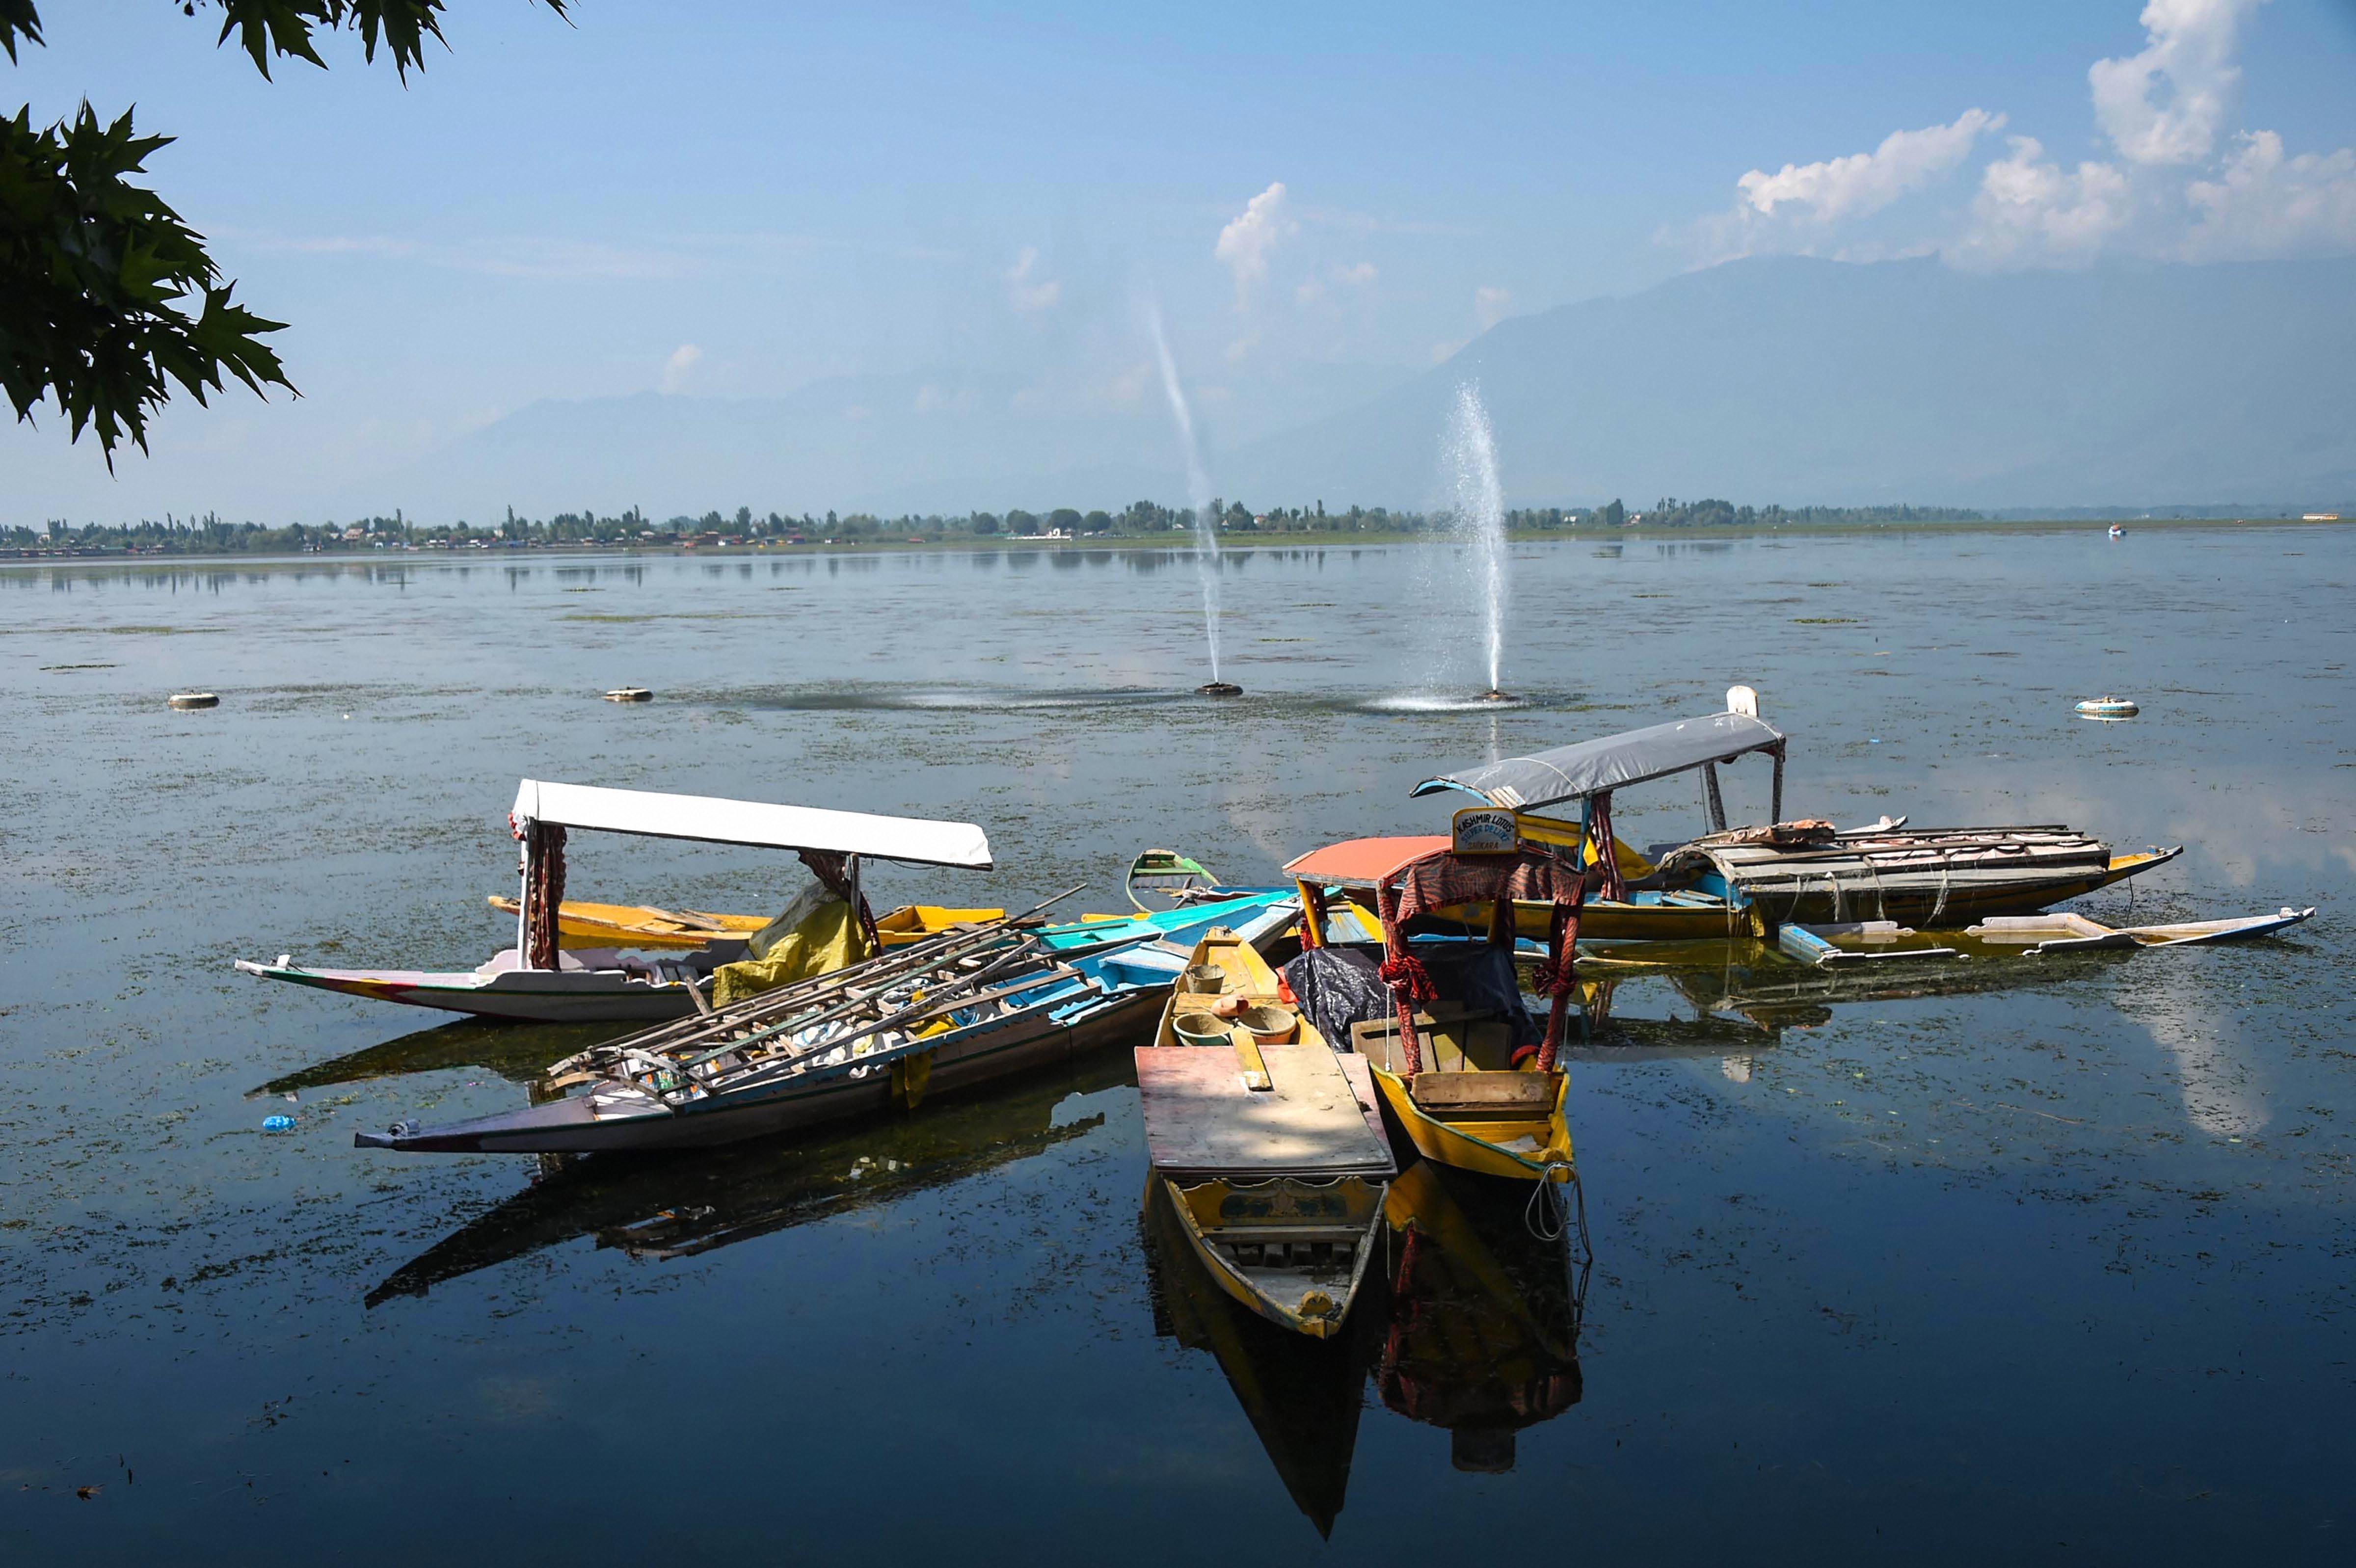 Abandoned shikaras along the banks of the Dal Lake in Srinagar on September 1.